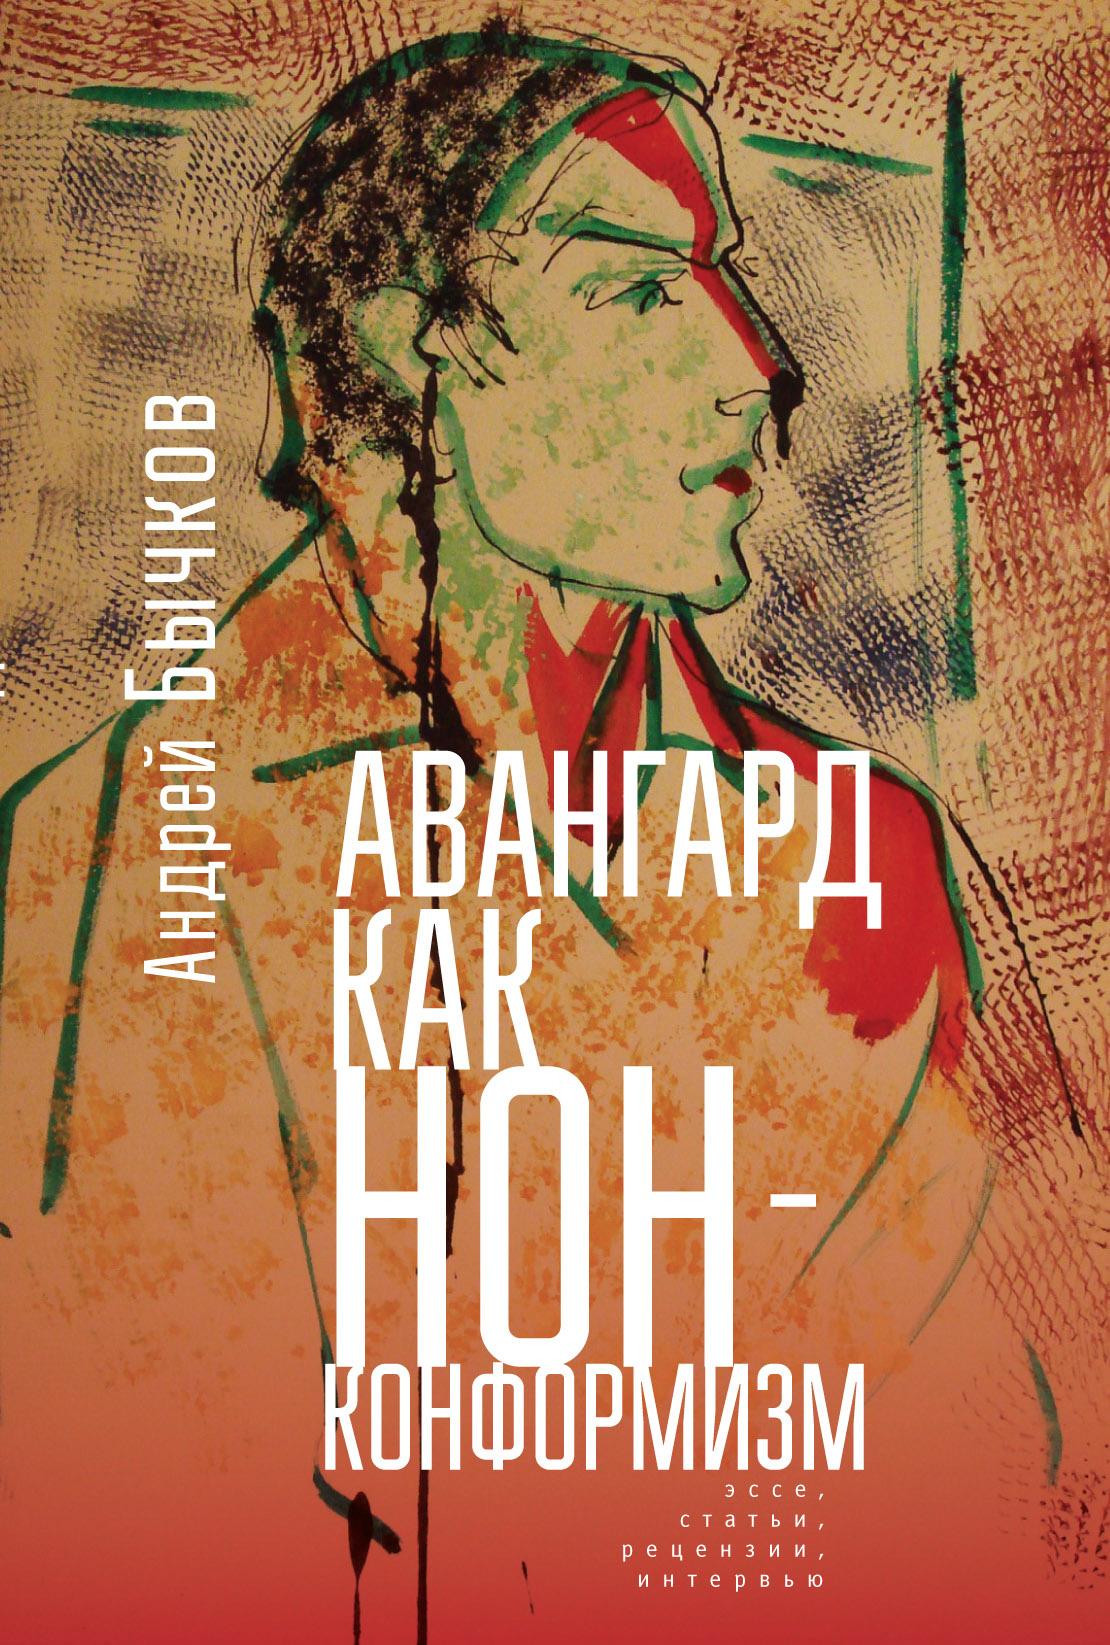 Андрей Бычков Авангард как нонконформизм. Эссе, статьи, рецензии, интервью андрей бычков билет в n